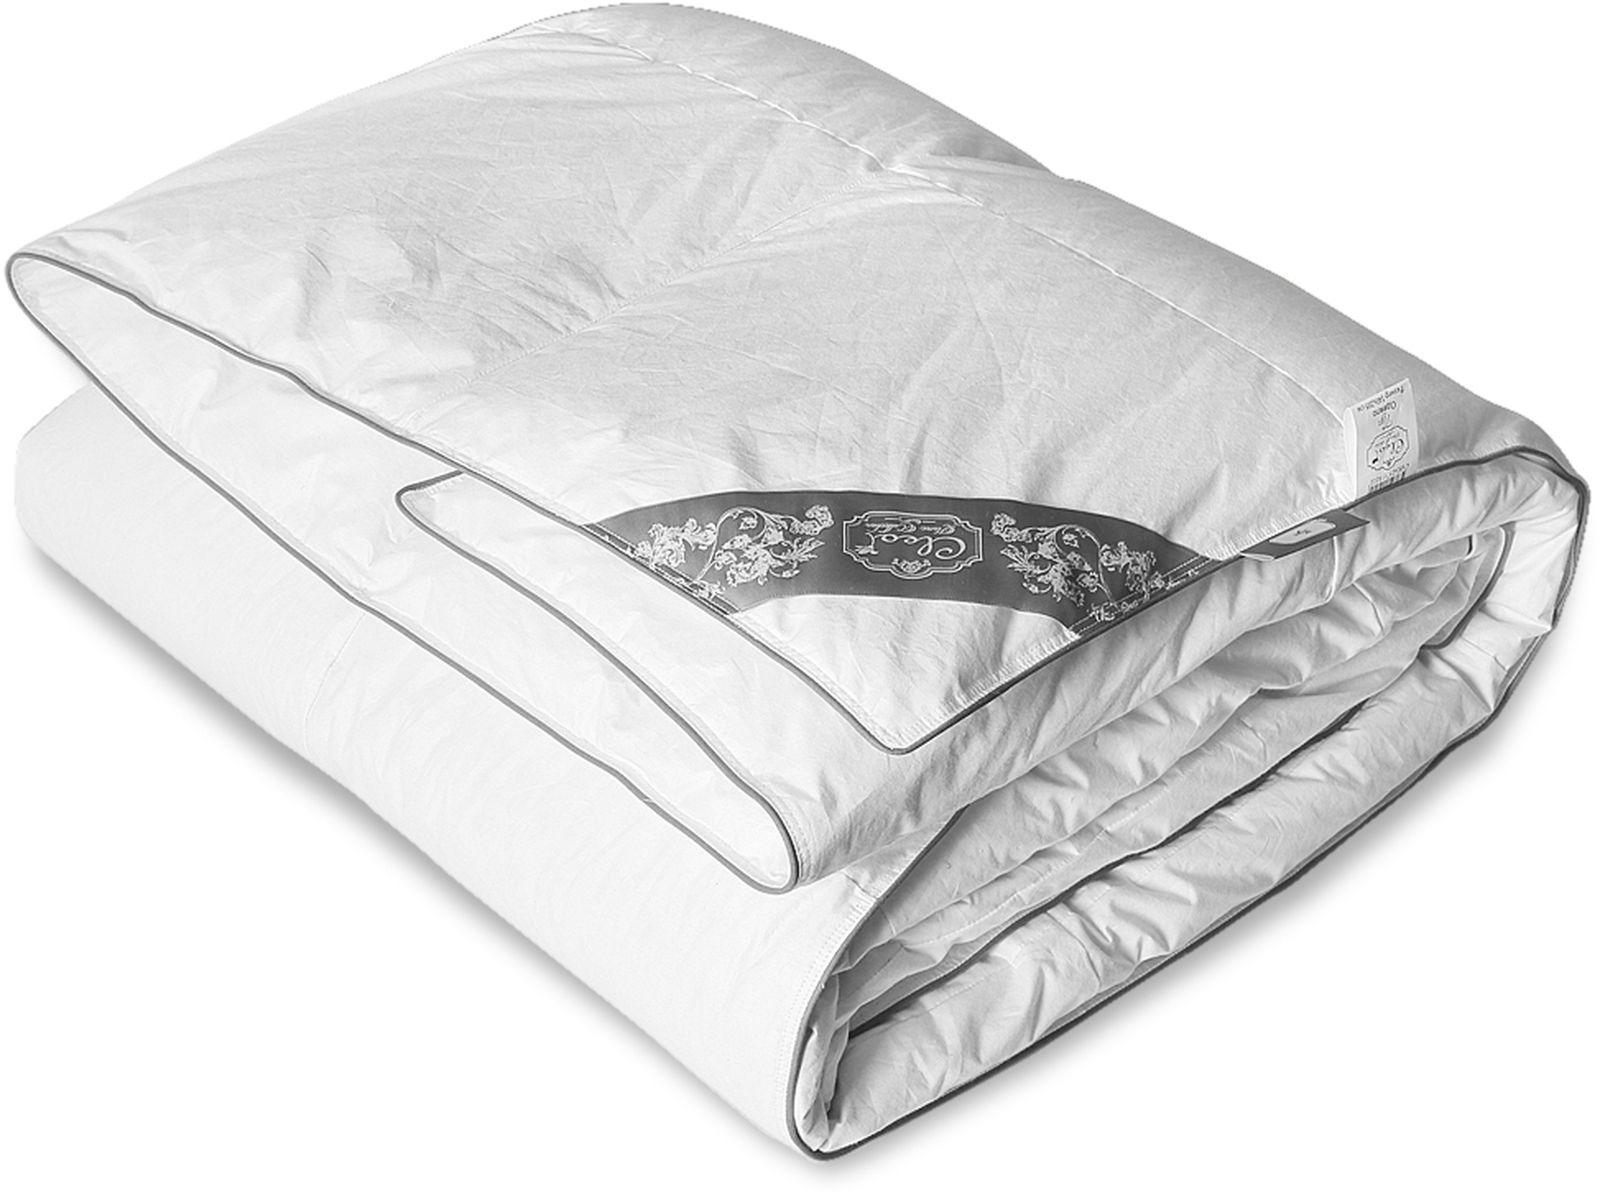 Одеяло Cleo Пух Comfort, наполнитель: пух, белый, 200 х 220 см